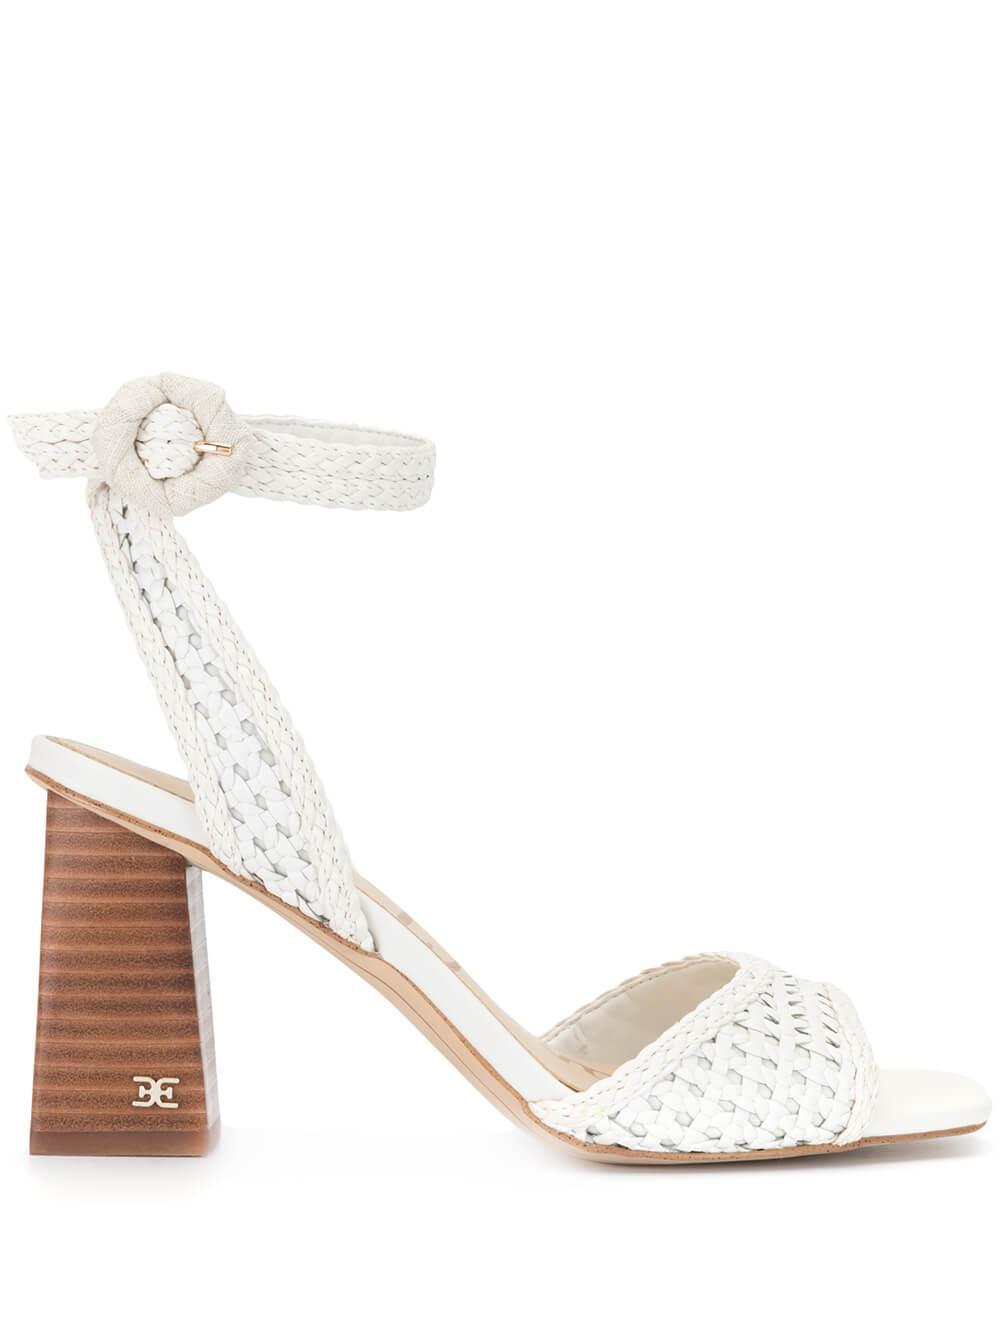 Danee Woven Sandal Item # DANEE